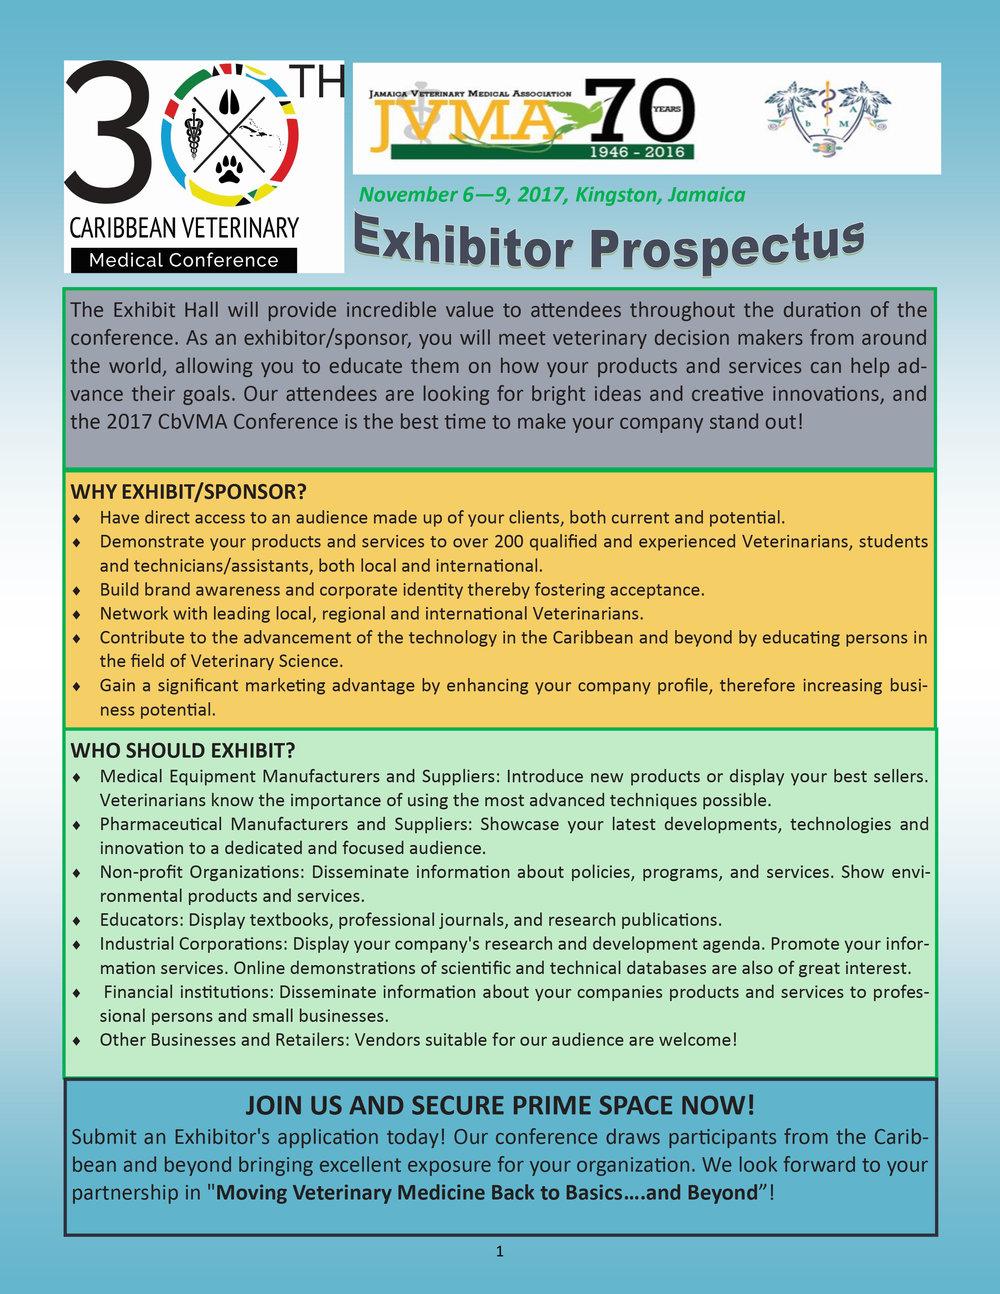 JVMA 2017 CbVMA Exhibitor Prospectus - Final-1.jpg